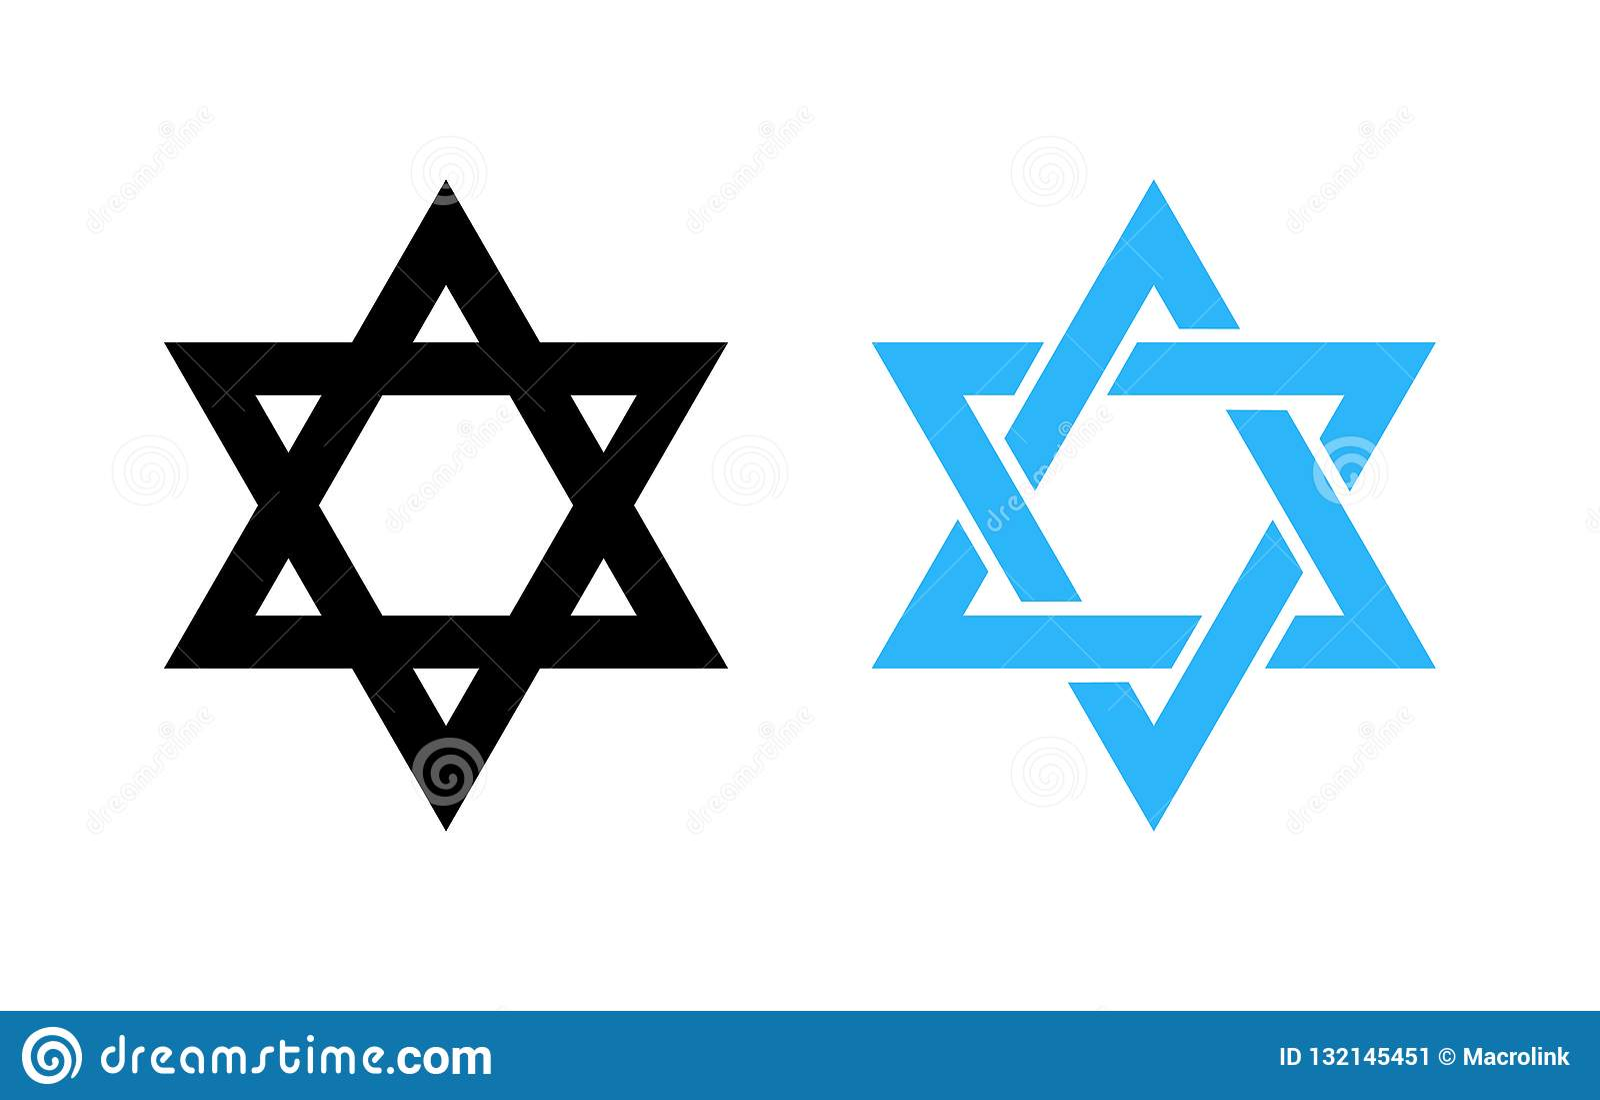 Hexagram icône noire et bleue de David Star - de symbole religieux saint de l Israël